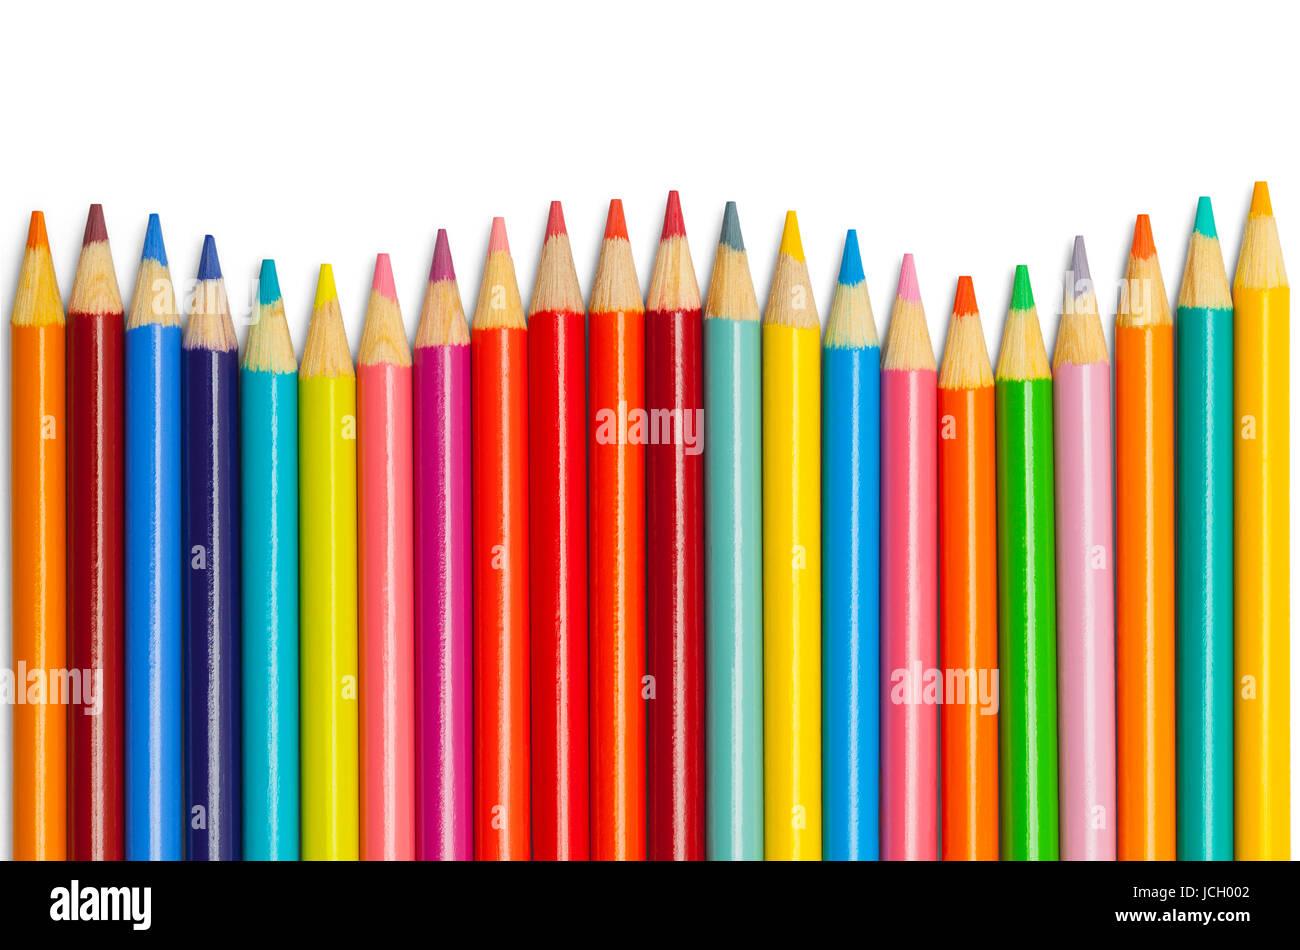 Crayon de couleur vague isolé sur fond blanc. Photo Stock